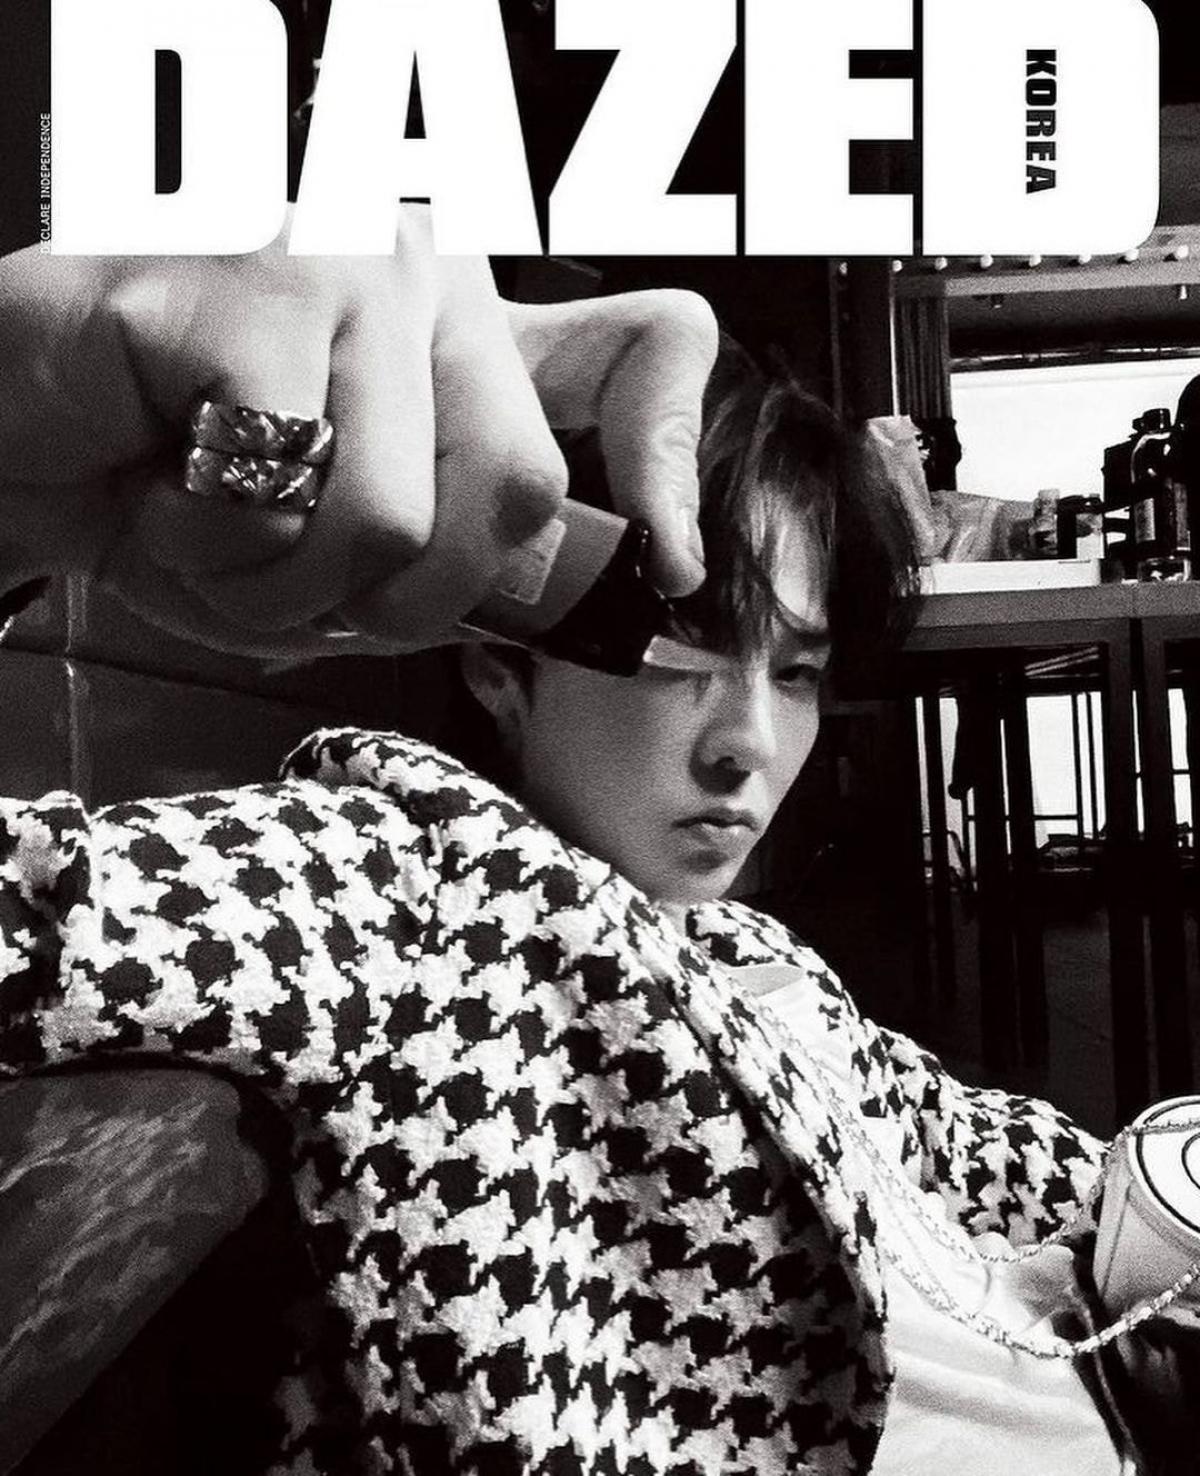 G-Dragon khẳng định đẳng cấp 'Ông hoàng thời trang' với 8 trang bìa tạp chí - Ảnh 5.